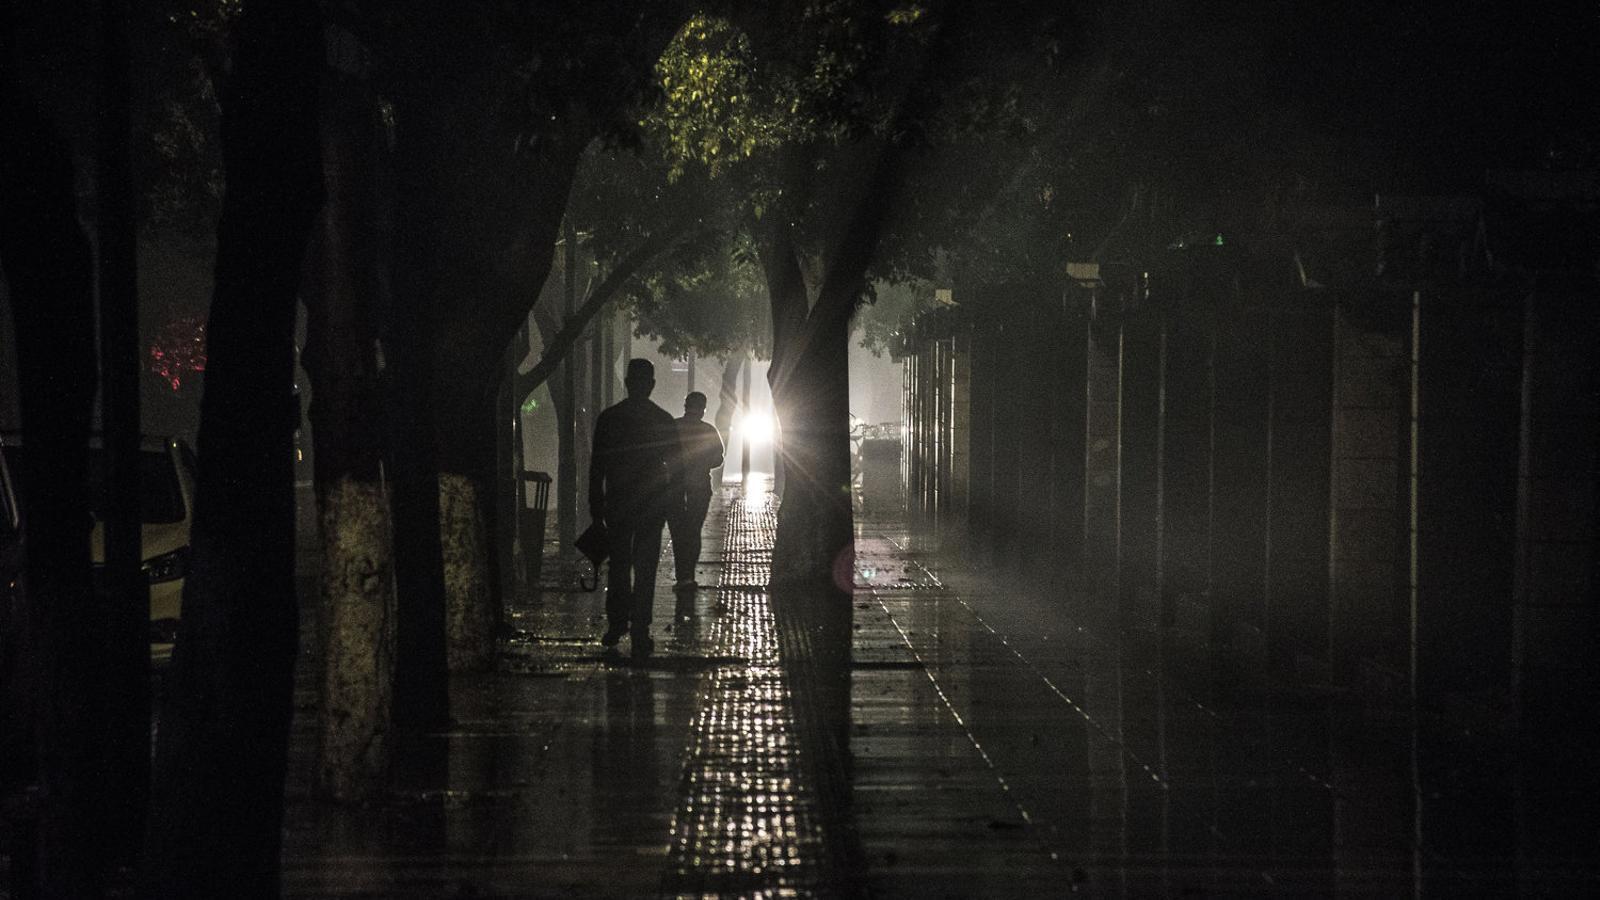 Des de l'organització European Women's Lobby lamenten que en la majoria de països molts crims sexuals no surten a la llum.